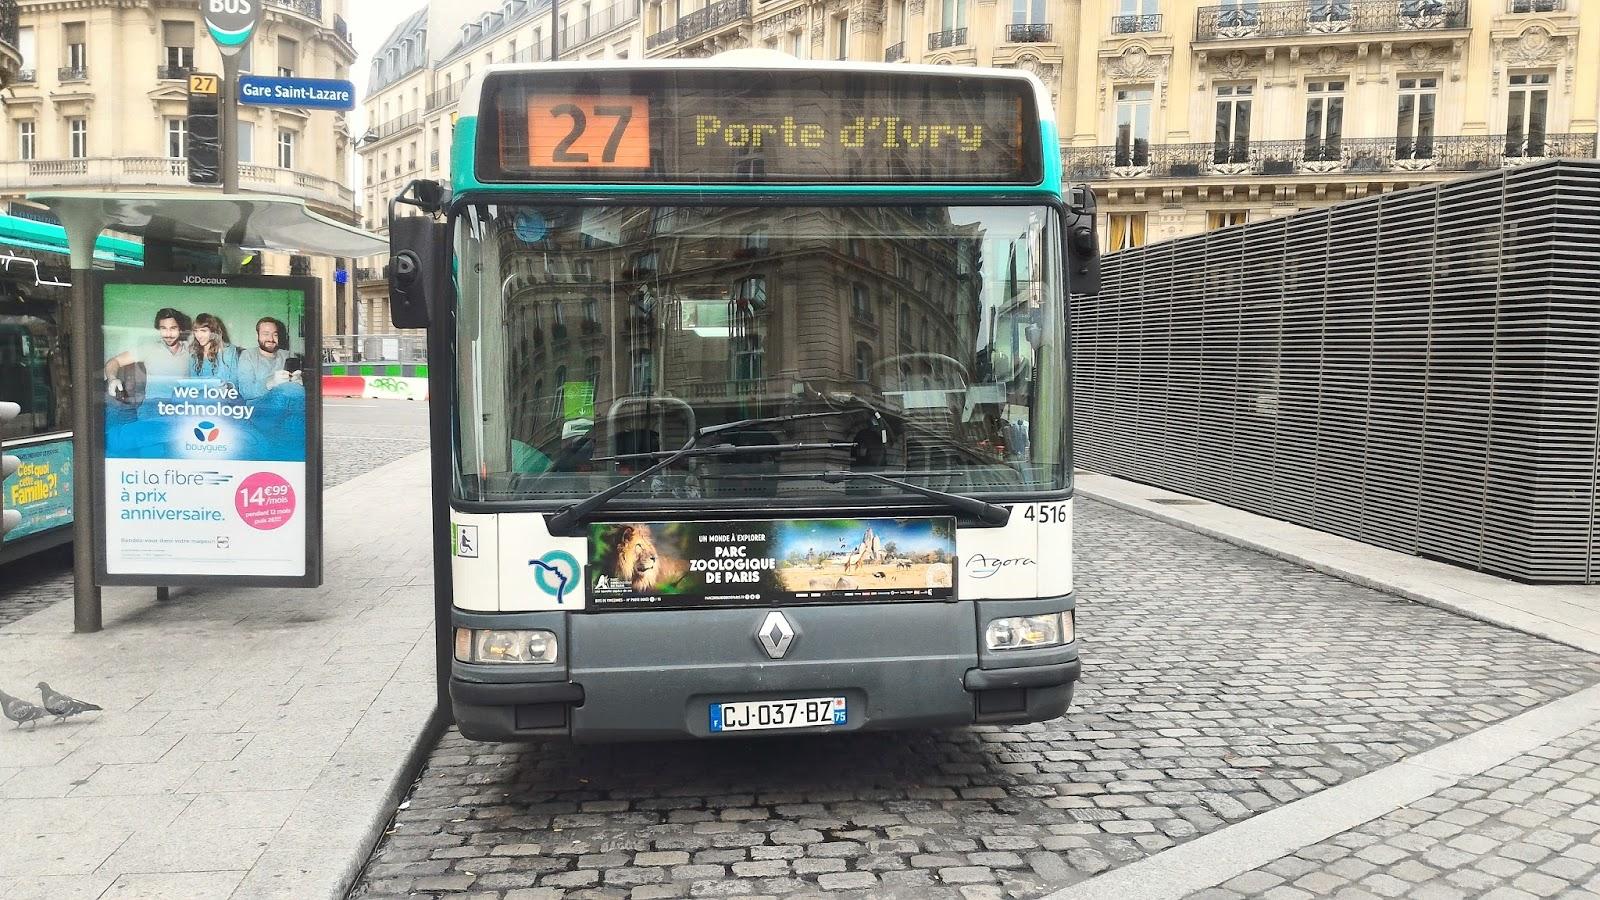 La ligne de bus ratp 27 quais de seine ivry re oit enfin ses ivecobus urbanway 18 hybride - Garage renault ivry sur seine ...